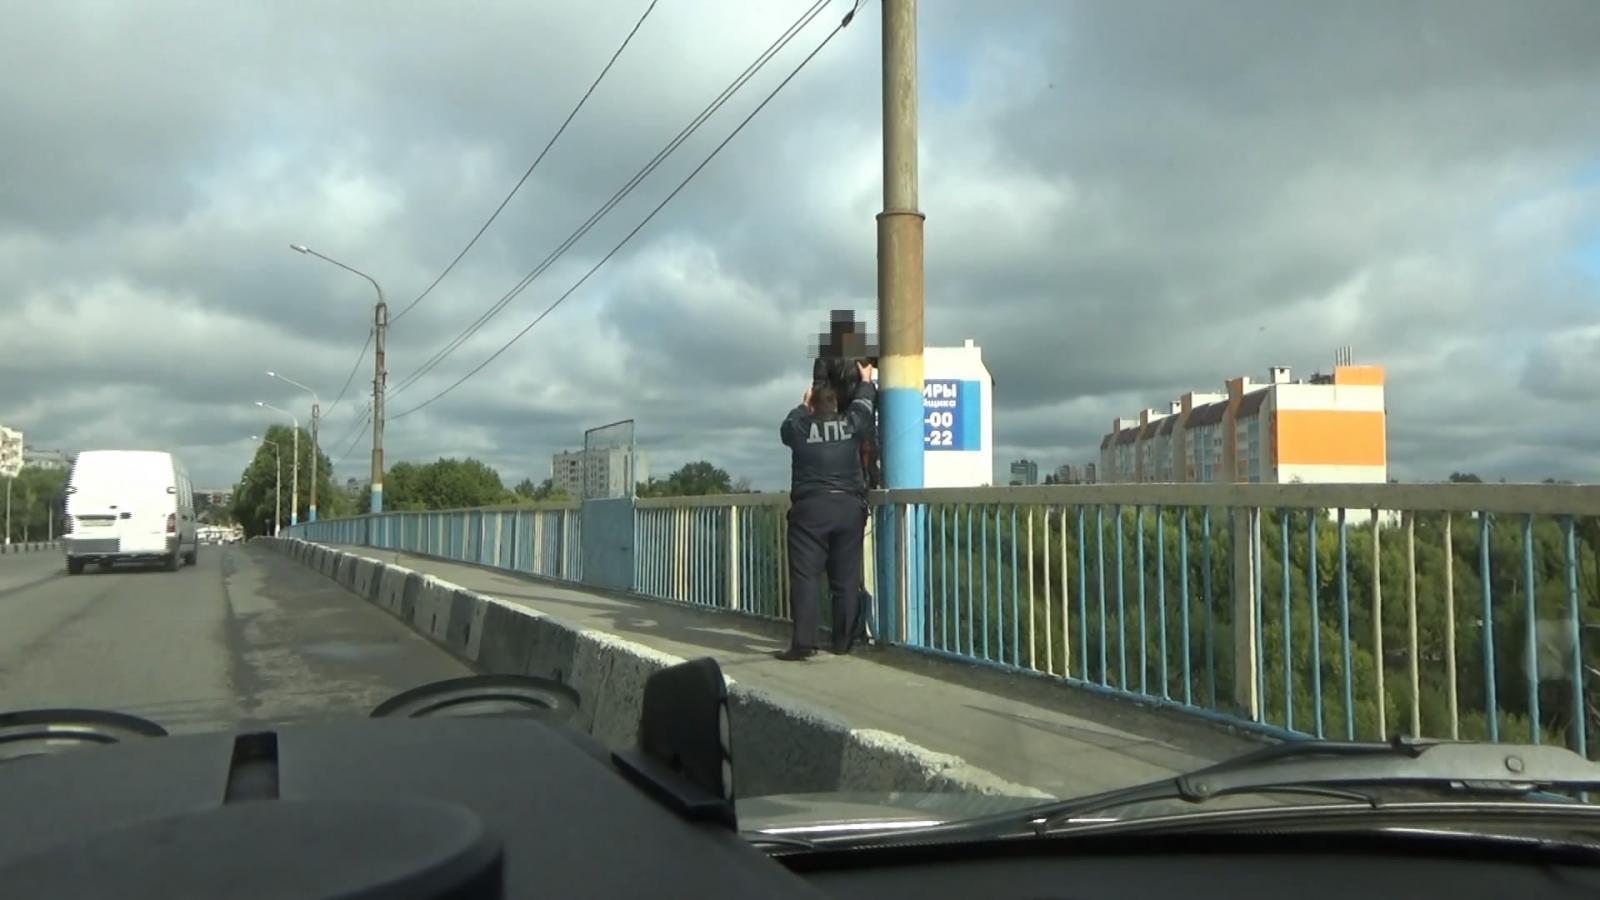 Сотрудник ГИБДД отговорил брянскую девушку прыгать с моста